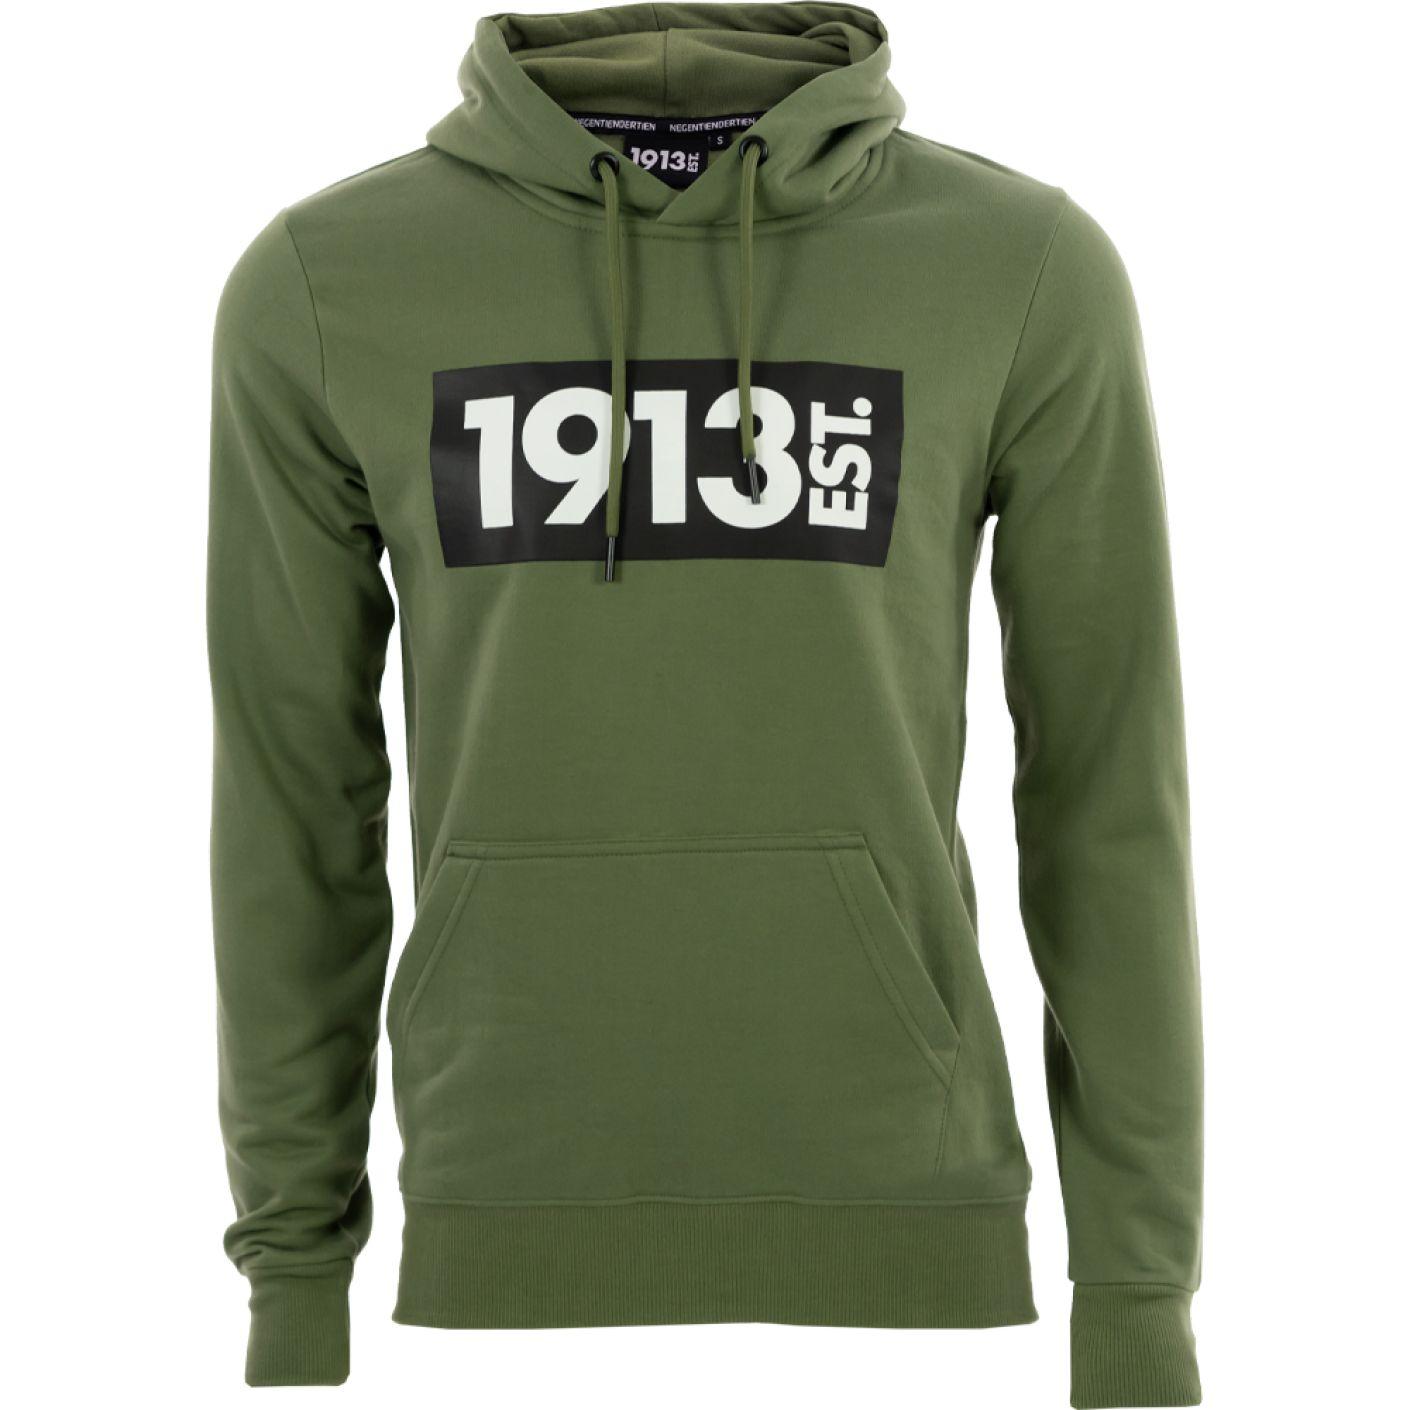 1913 Hooded Sweater groen Block